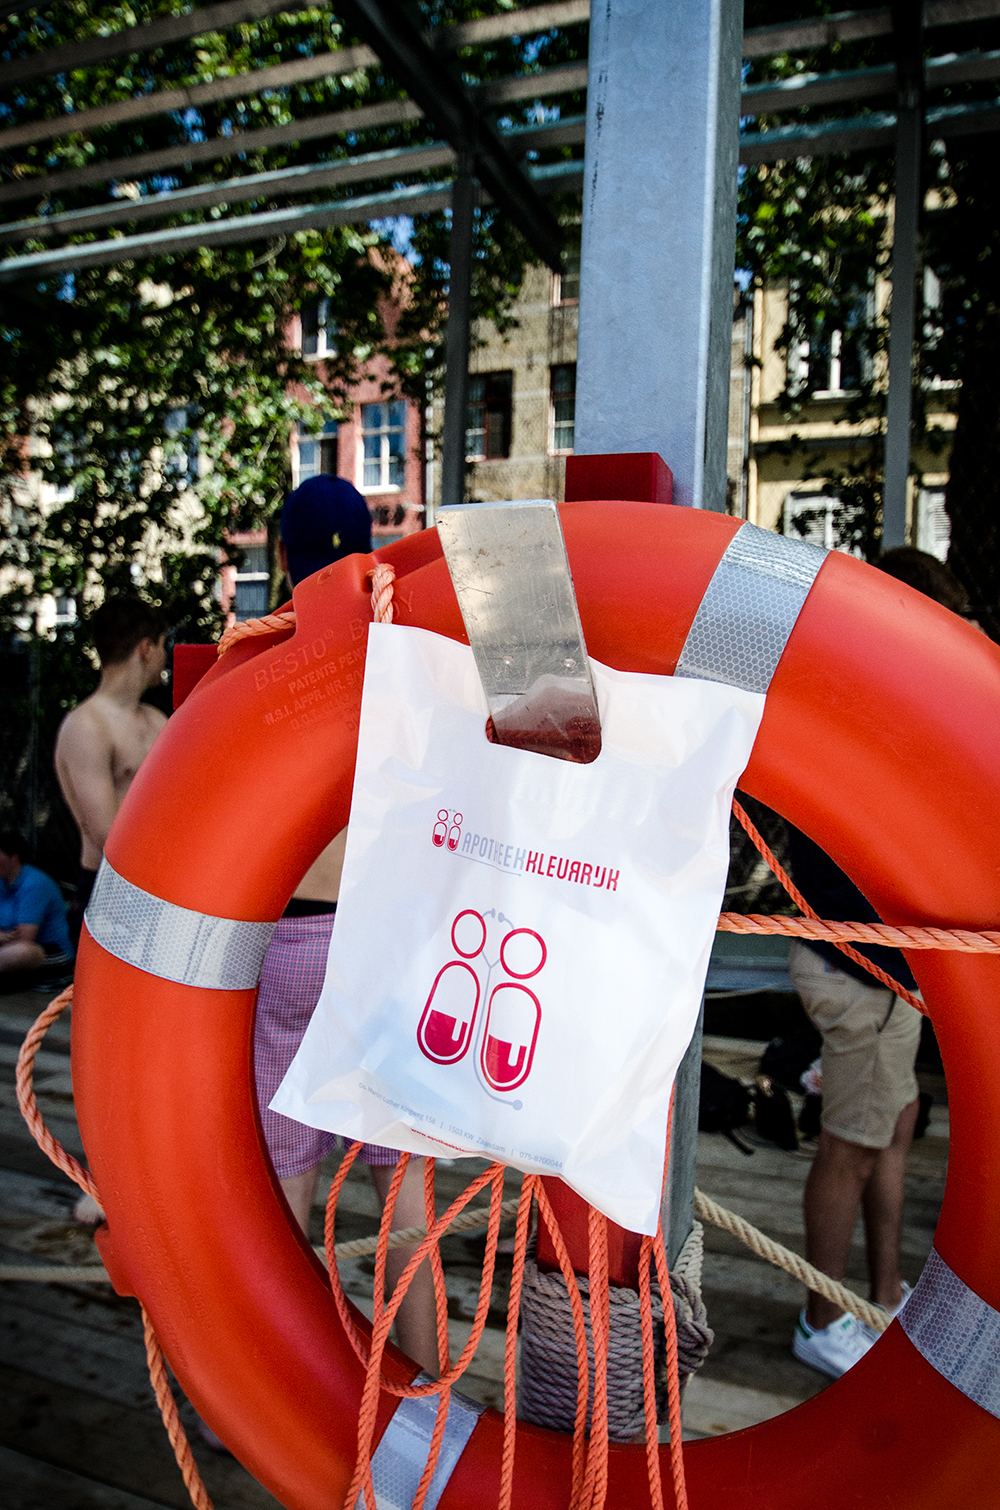 c-bags bedrukte draagtassen voor Apotheek Kleurrijk // LDPE plastieken draagtassen 45 micron // LOW BUDGET!